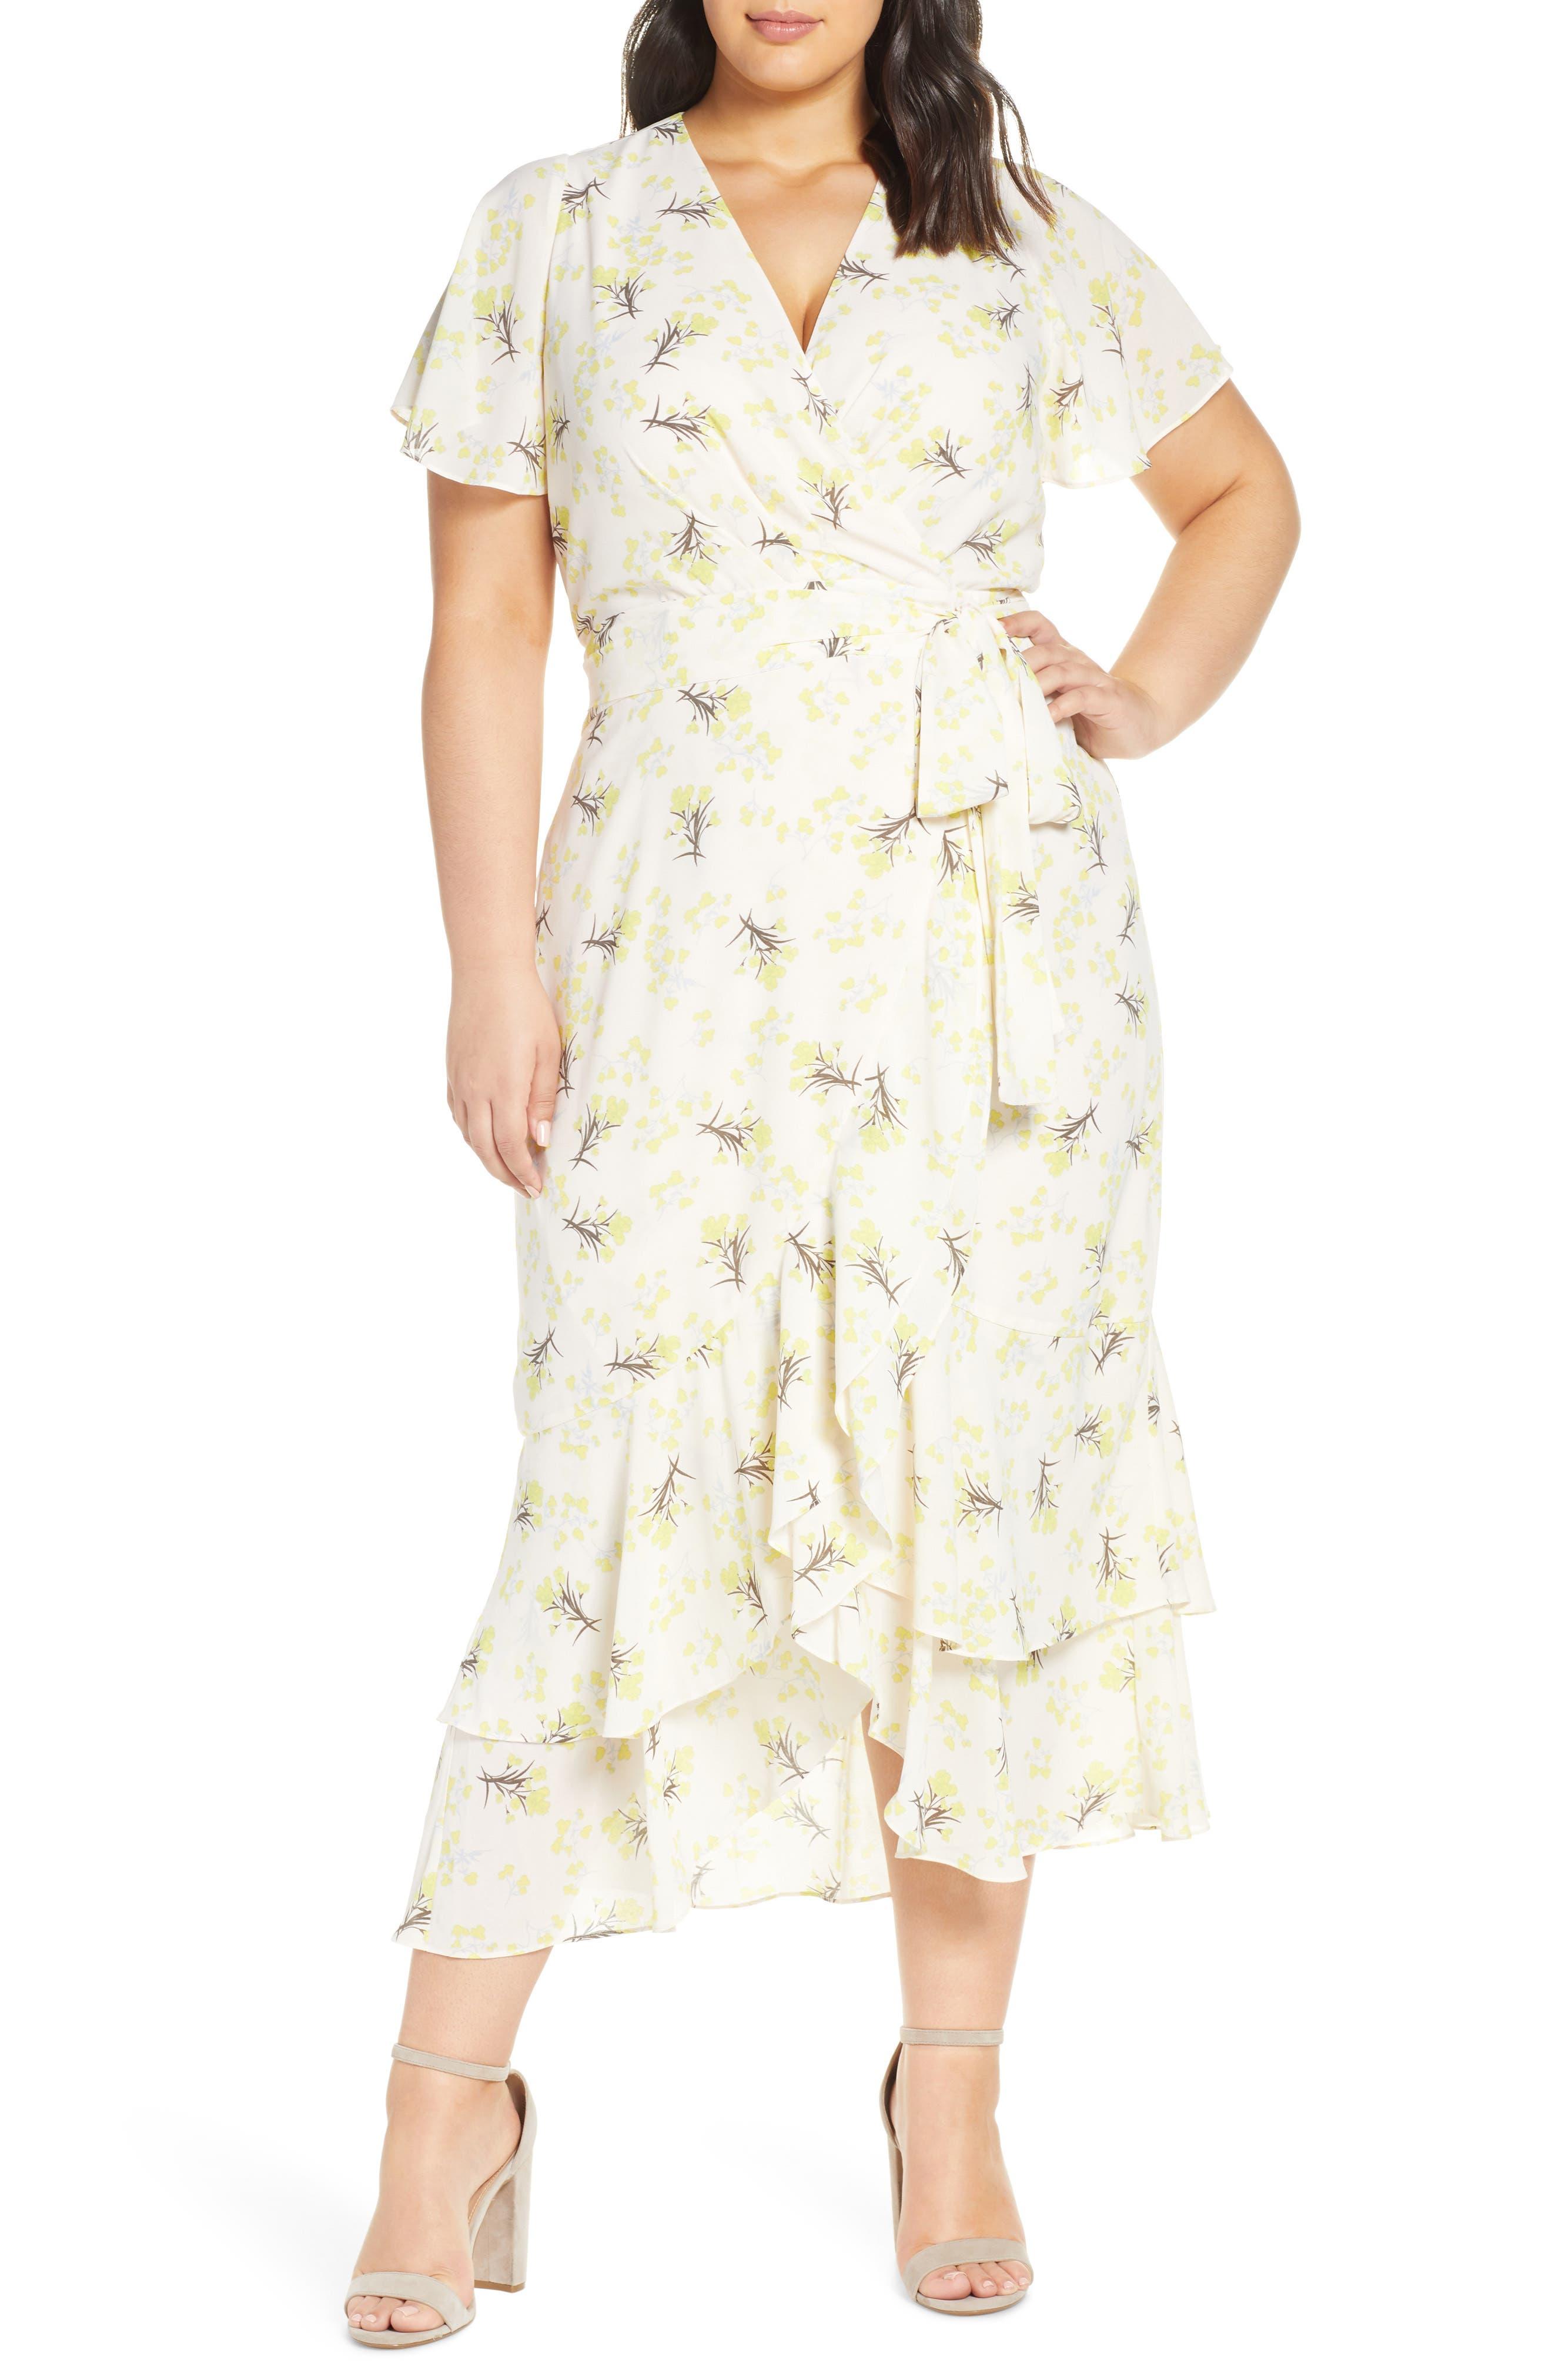 1930s Day Dresses, Afternoon Dresses History Plus Size Womens Rachel Rachel Roy Faux Wrap Midi Dress $159.00 AT vintagedancer.com